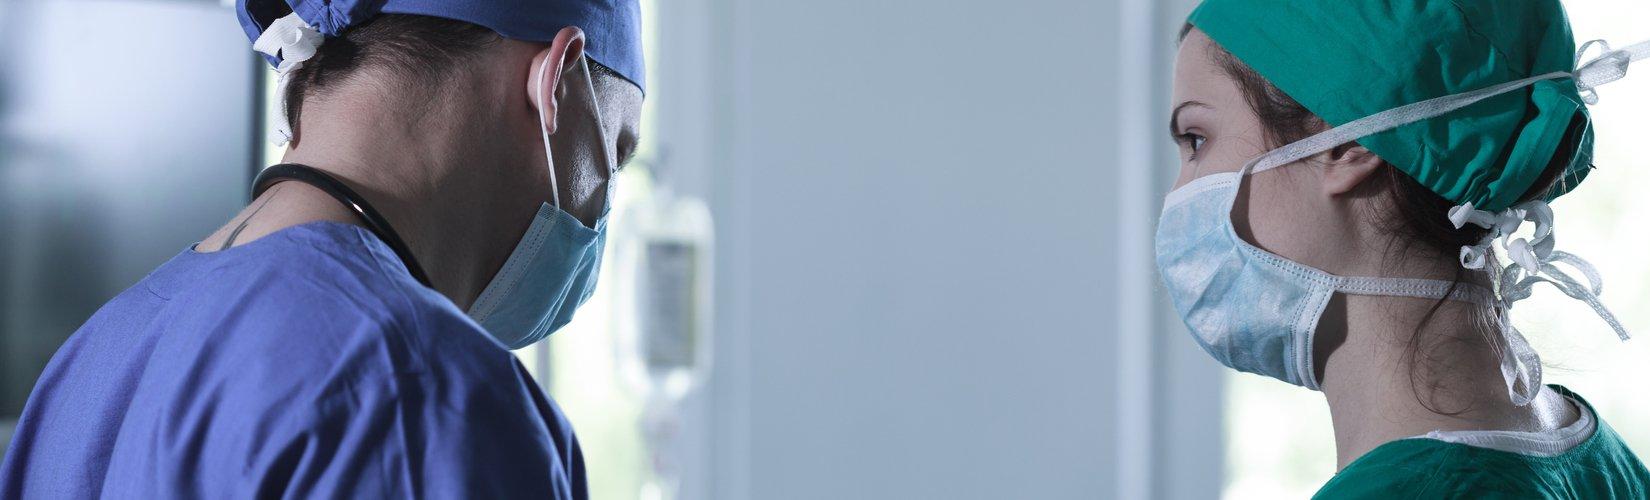 New_Doctors_12_1_2014.jpg